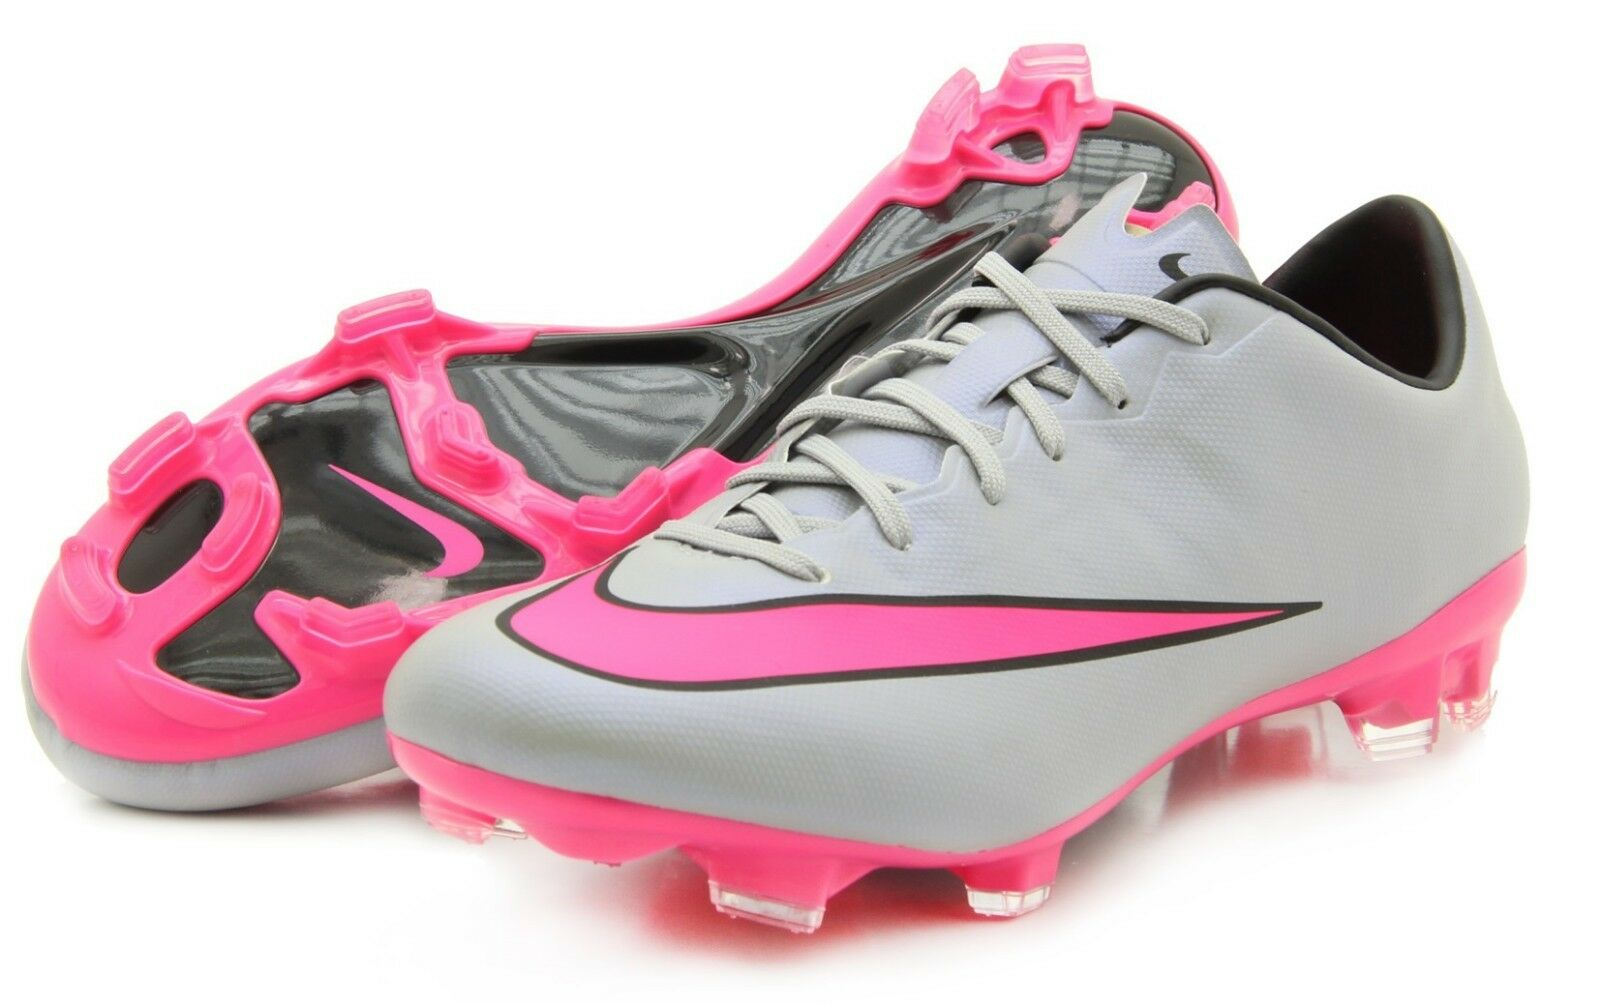 Nike Mercurial Veloce II FG para Hombre Estilo Botines De Fútbol 651618-060 precio minorista sugerido por el fabricante  130